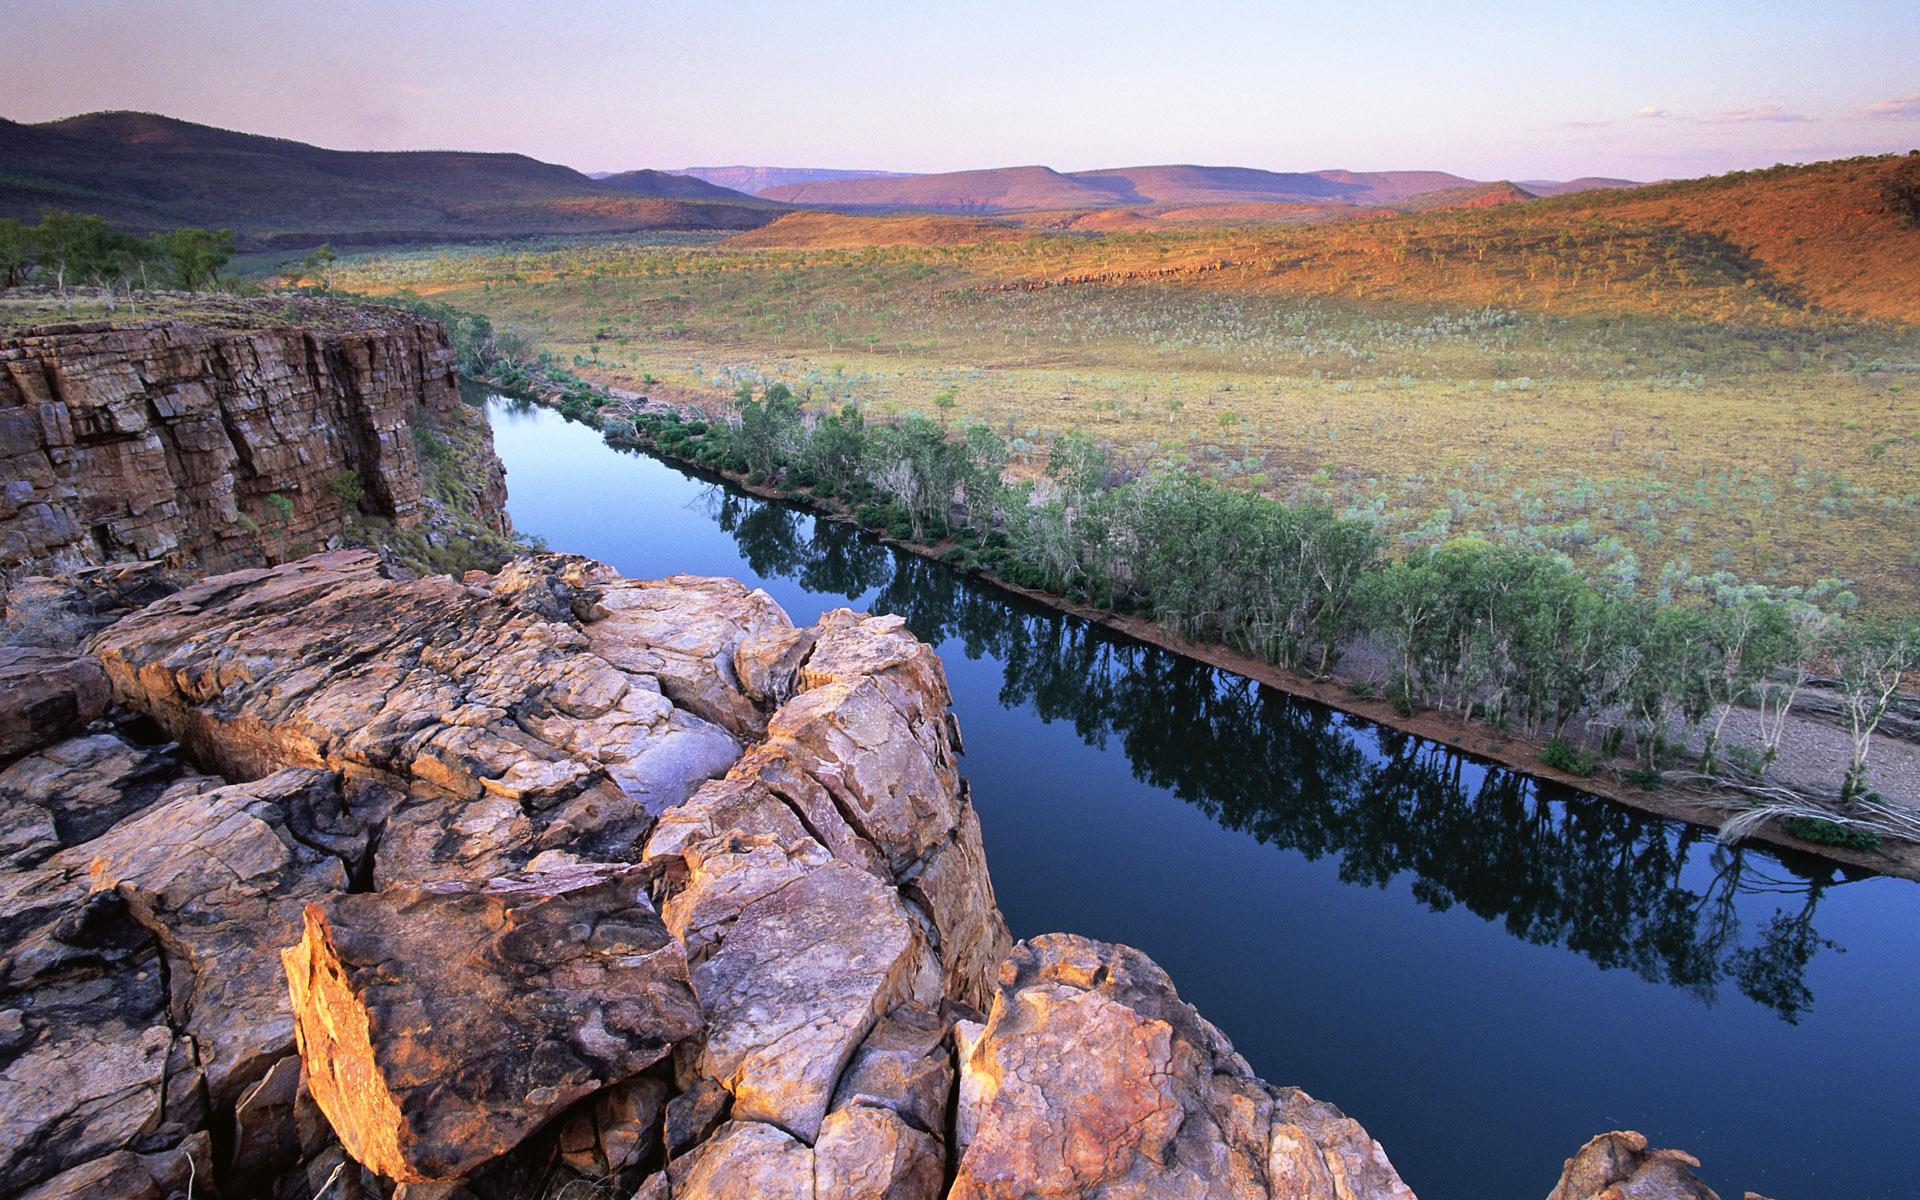 Обои windows 7 pentecost river on kimberley plateau